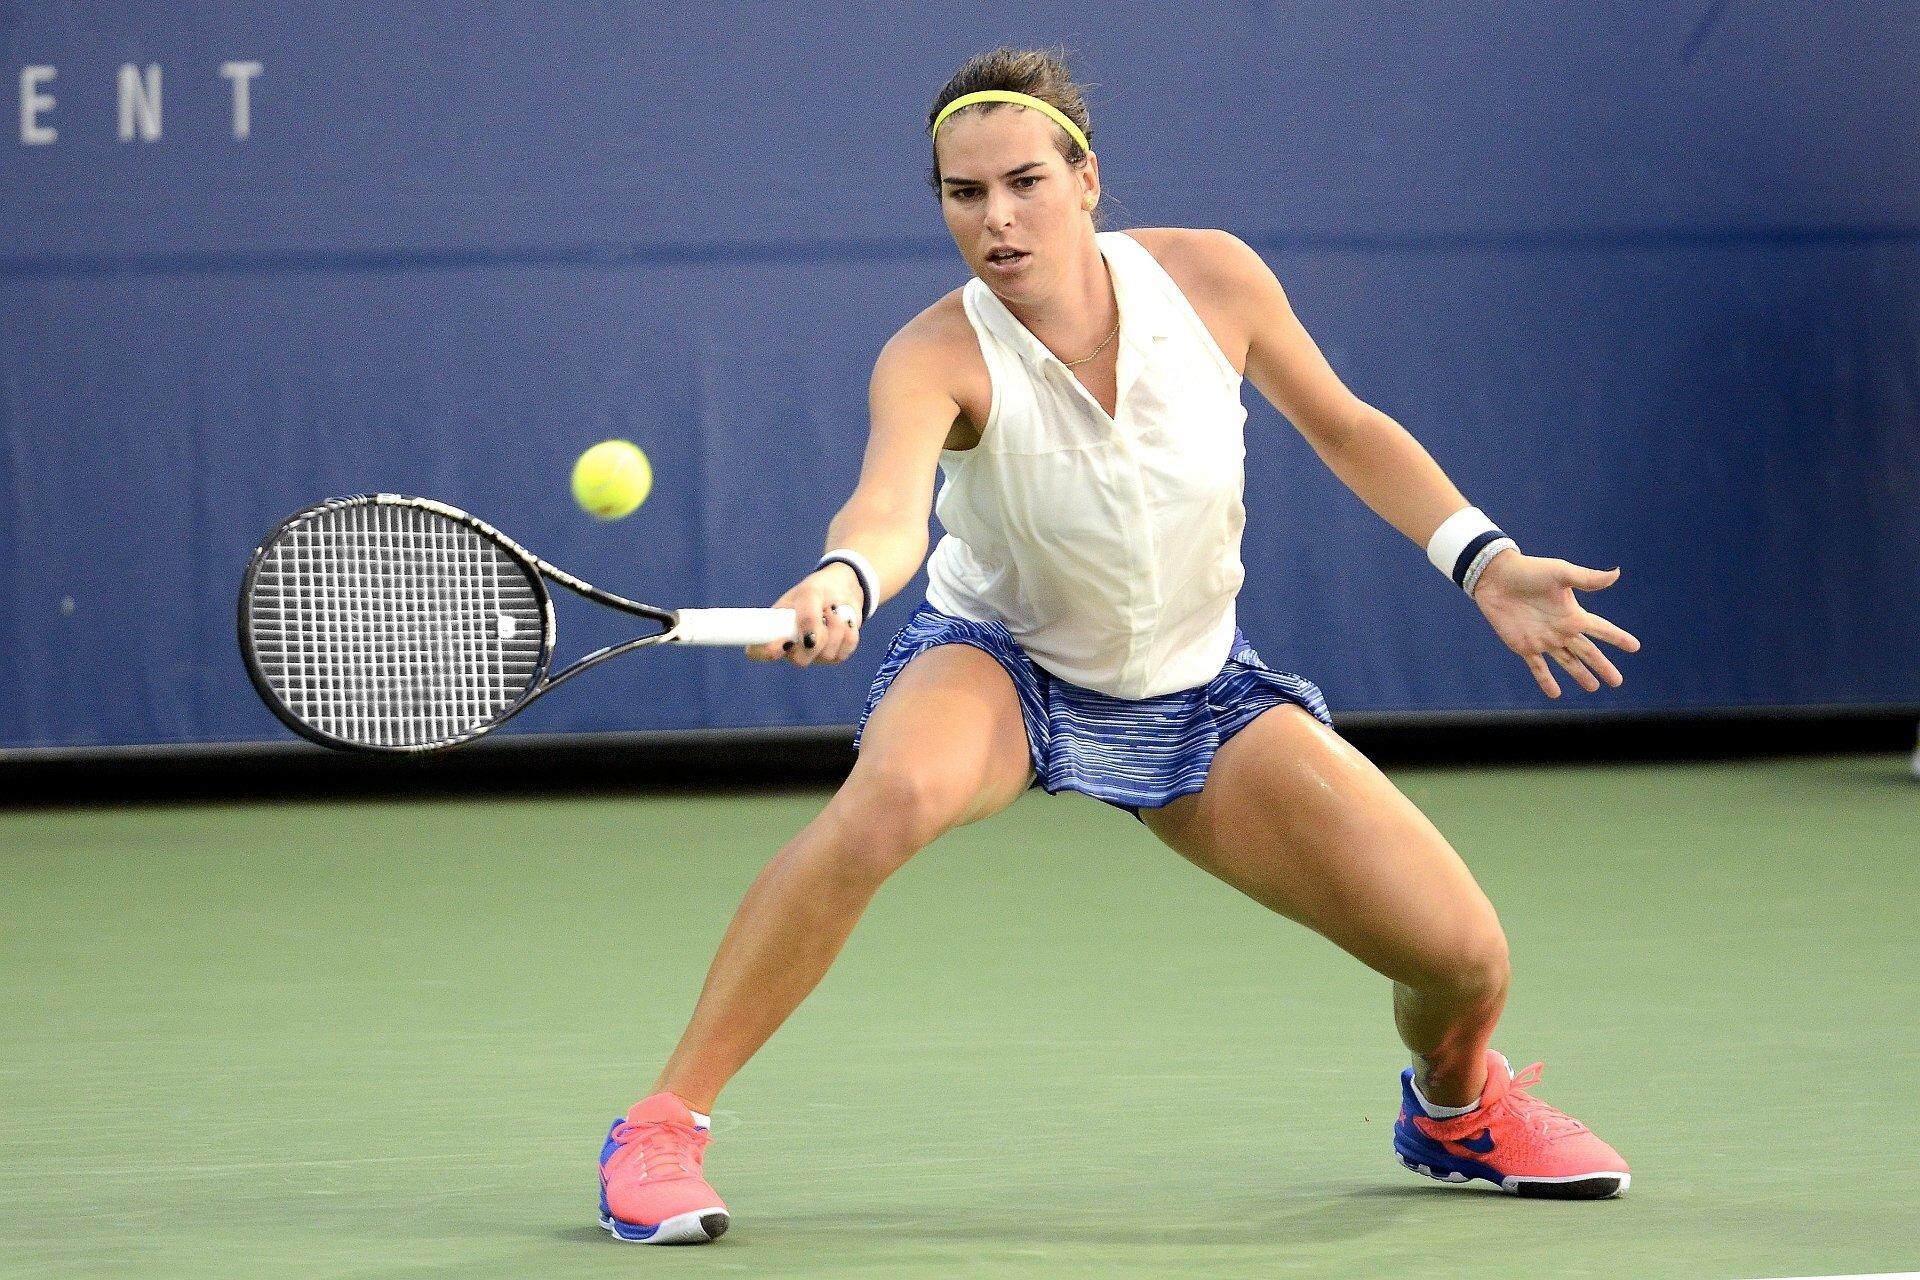 Zdjęcie przedstawia zawodniczkę podczas meczu tenisa ziemnego odbijającą piłkę zforehendu prawą ręką. Wzrok skupiony na piłce, mięśnie napięte, nogi wszerokim rozkroku iugięte wkolanach. Rakieta trzymana na wysokości bioder, piłka wpowietrzu tuż przed nią.